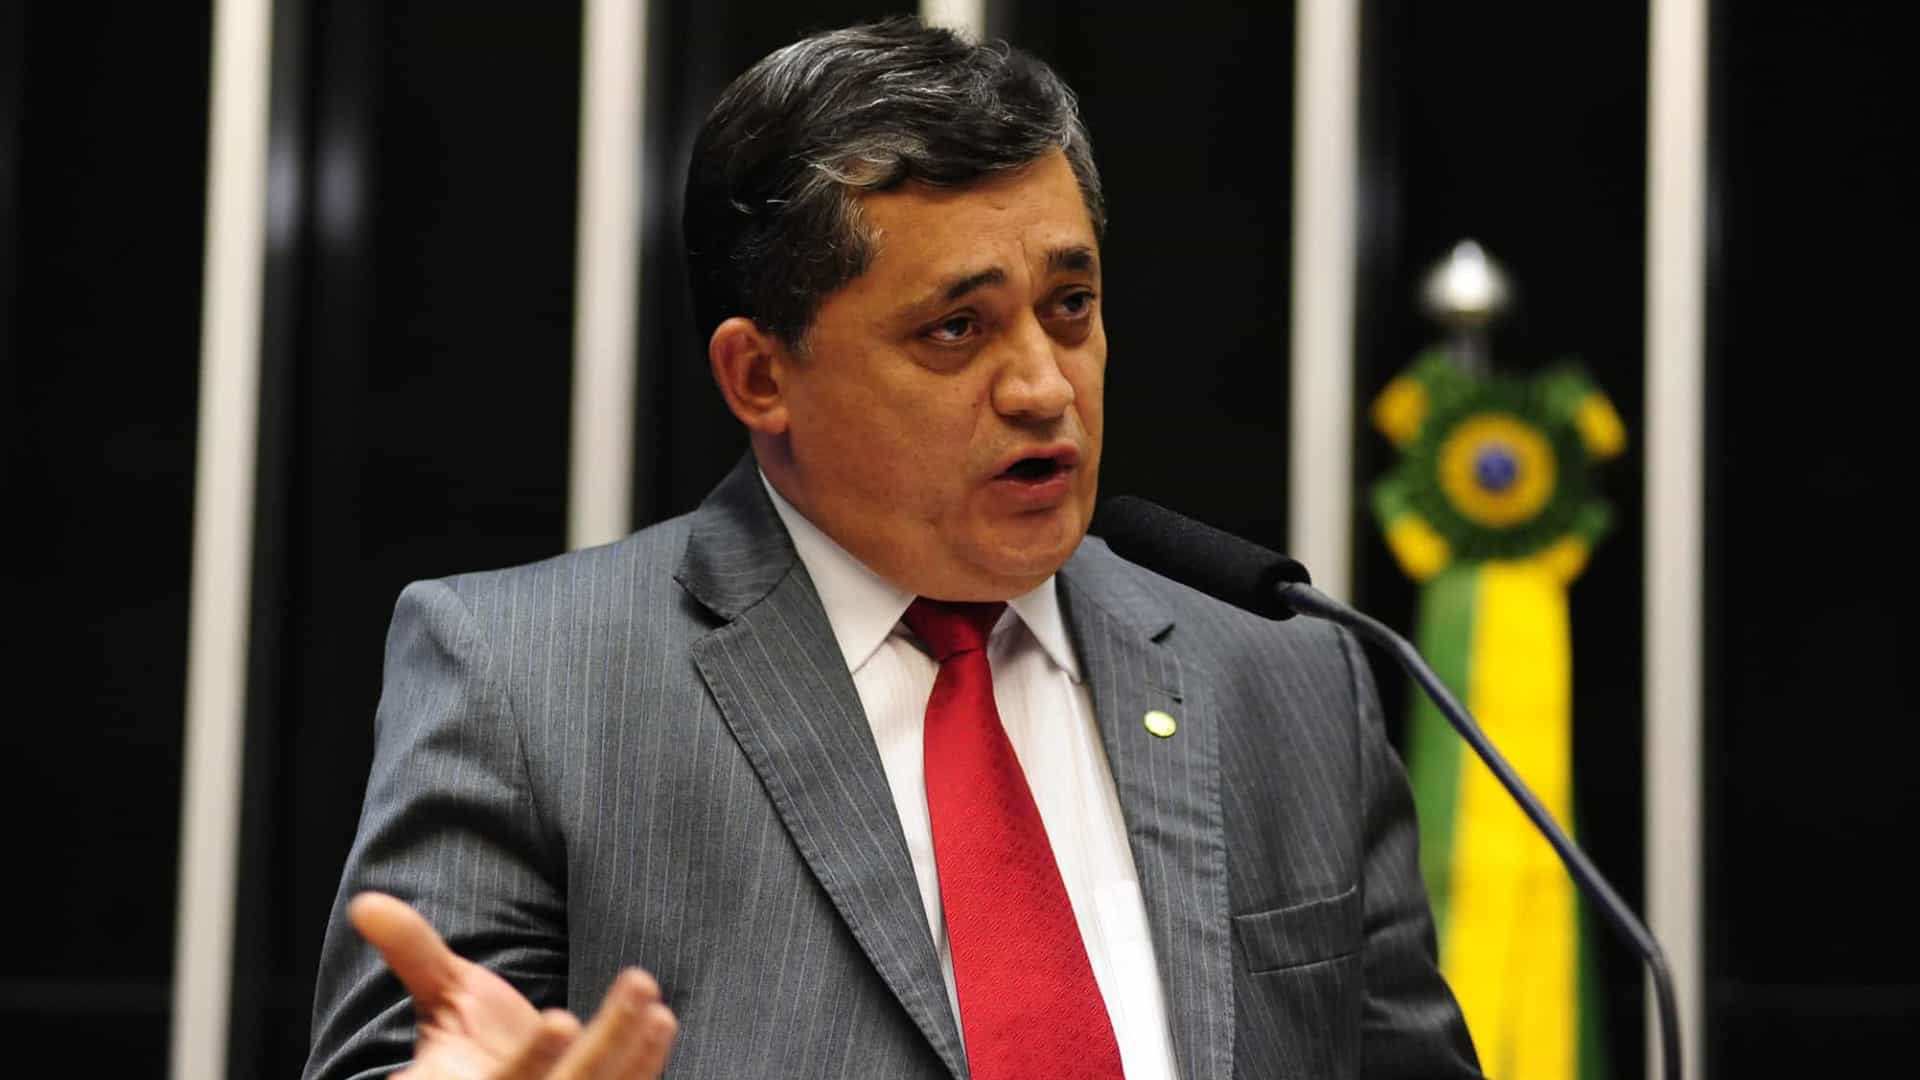 Deputado quer tornar inelegíveis condenados por racismo e crimes contra democracia